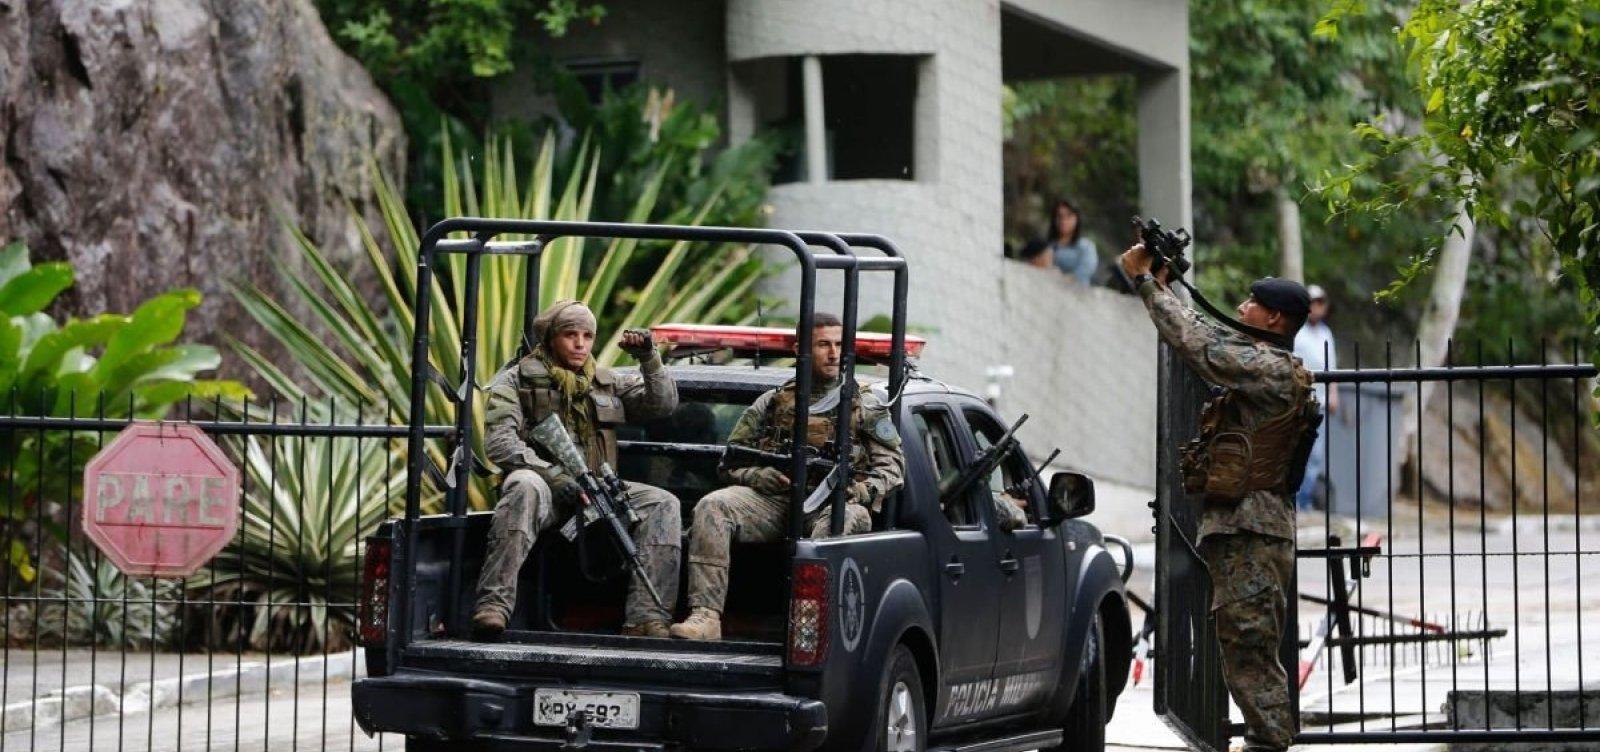 Intervenção federal no Rio cria 'QG da compra' para gastar R$ 1 bilhão em equipamentos